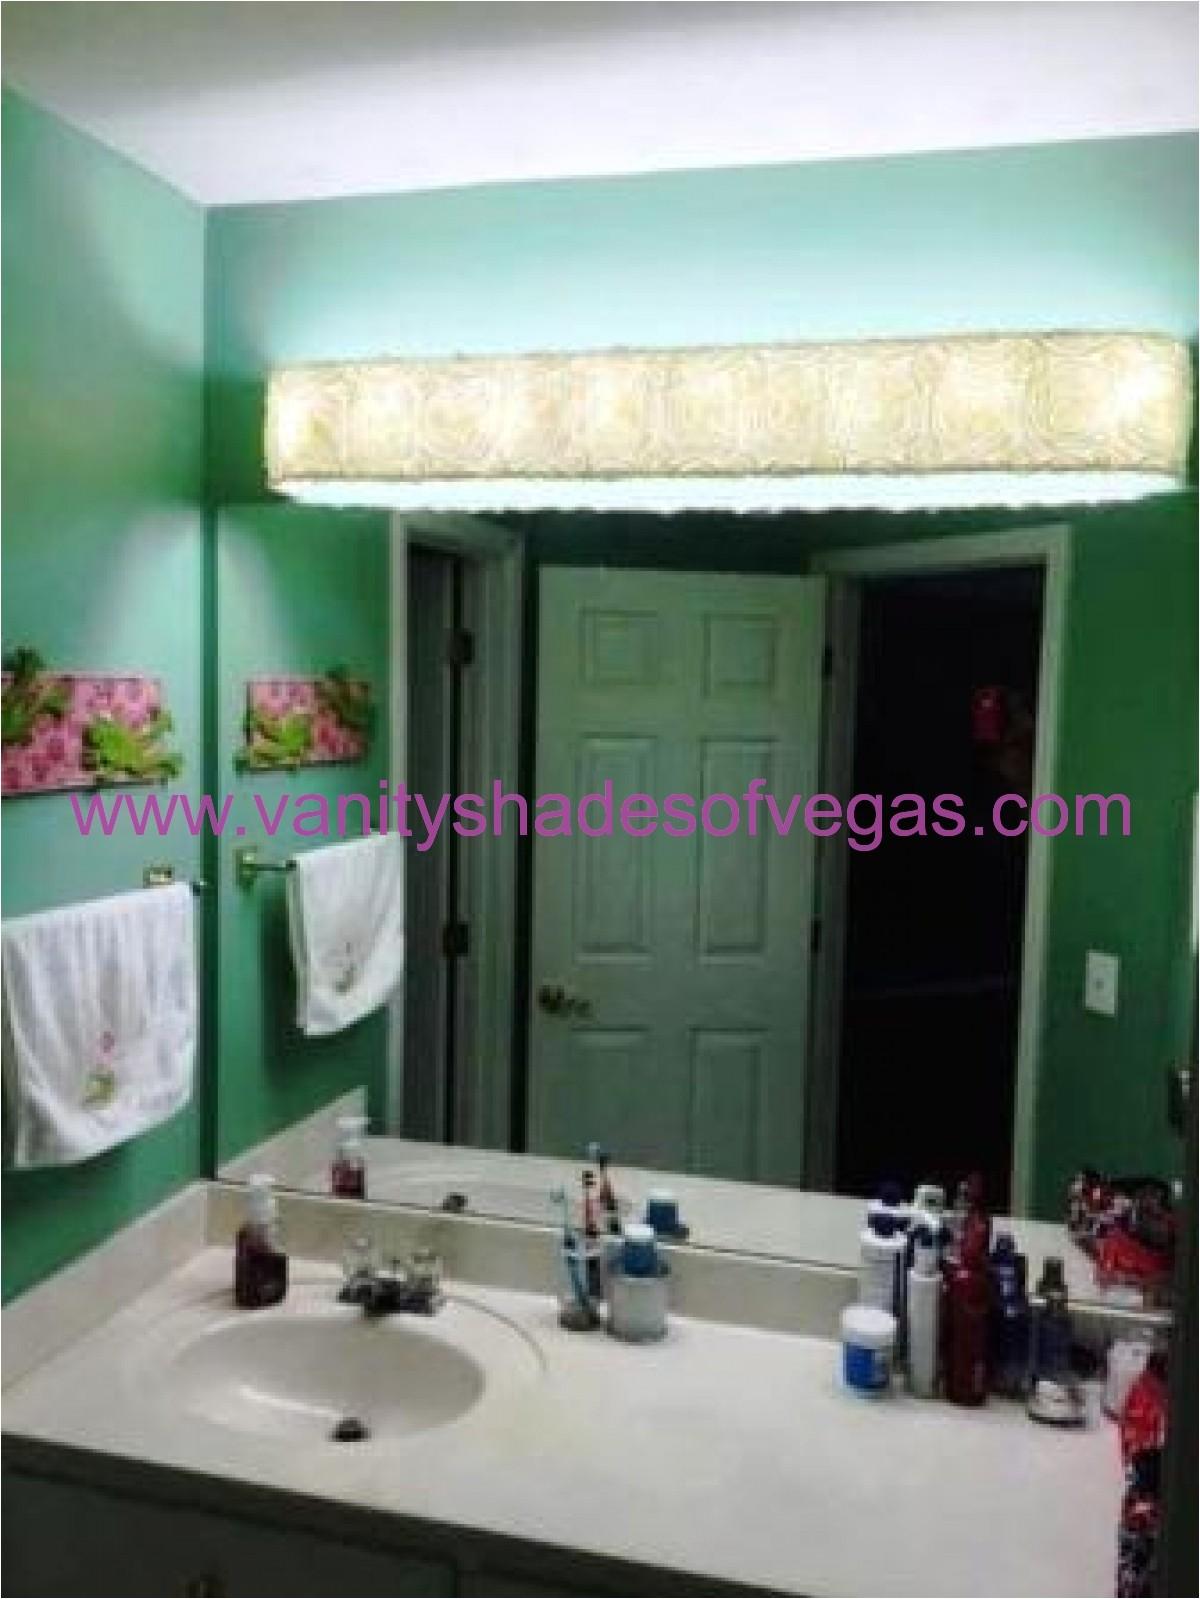 portfolio vanity shades